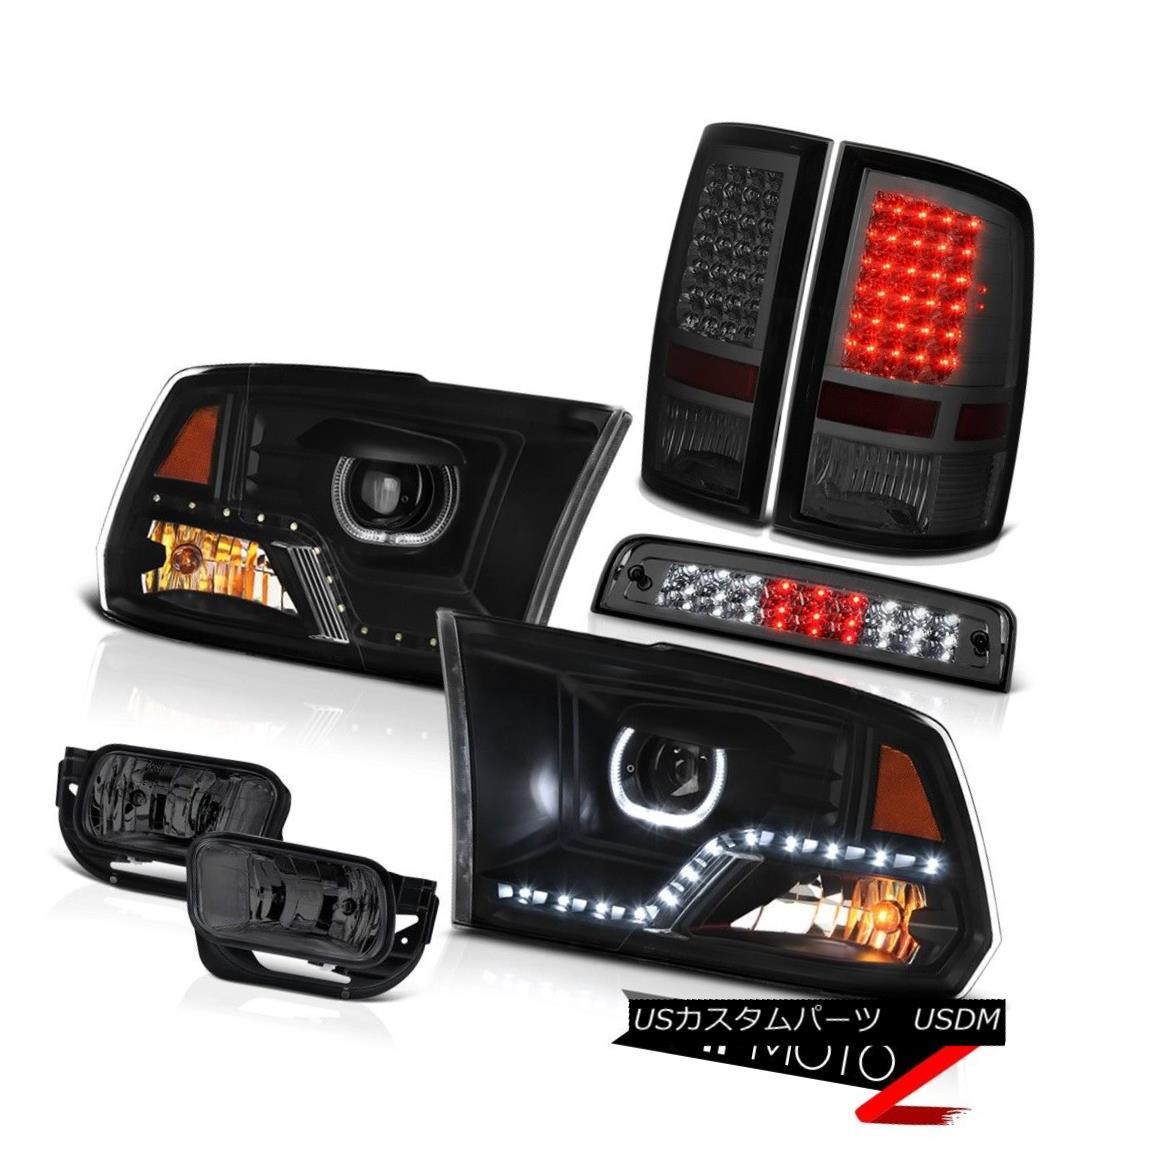 テールライト 09-13 Dodge RAM 1500 Truck Black HeadLight Driving Lamp Brake Tail Lamp Assembly 09-13ダッジRAM1500トラックブラックヘッドランプ駆動ランプブレーキテールランプアセンブリ